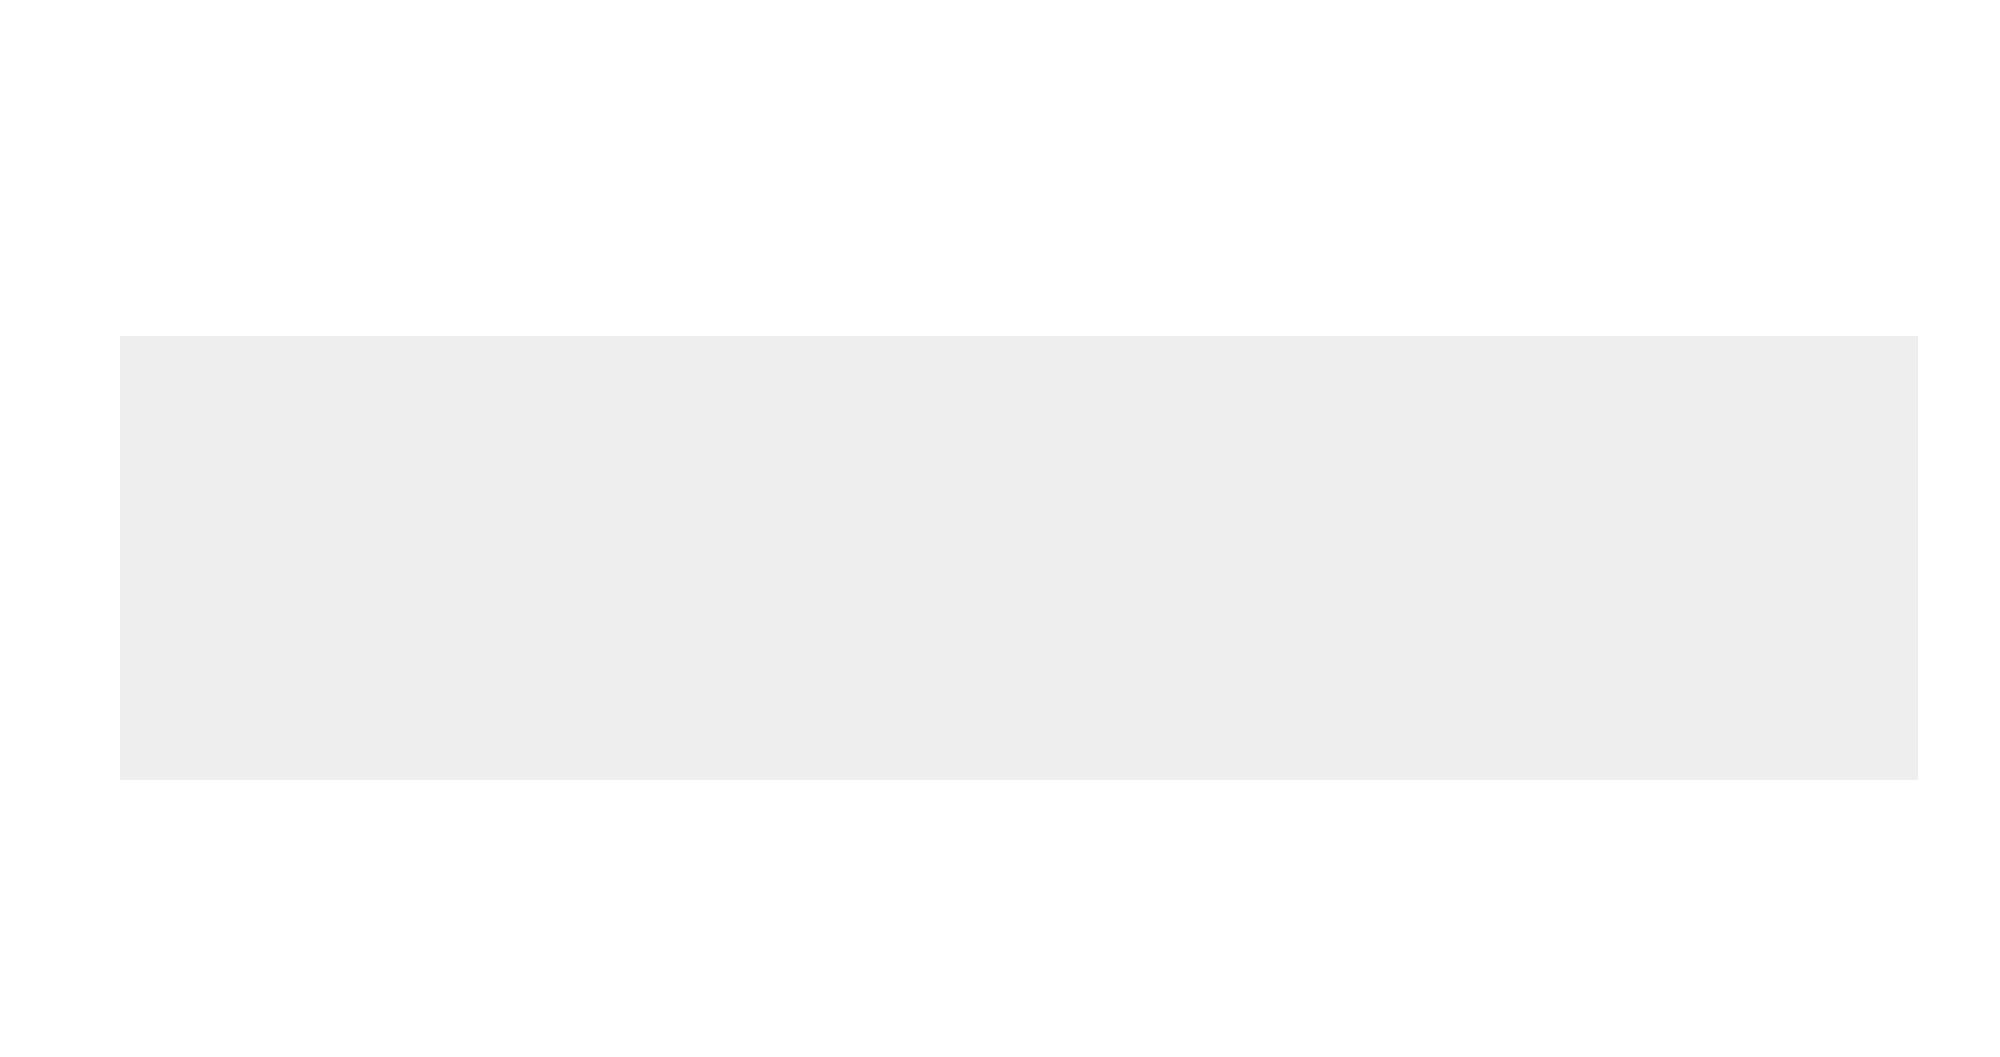 Asadental logo styleitaliano products